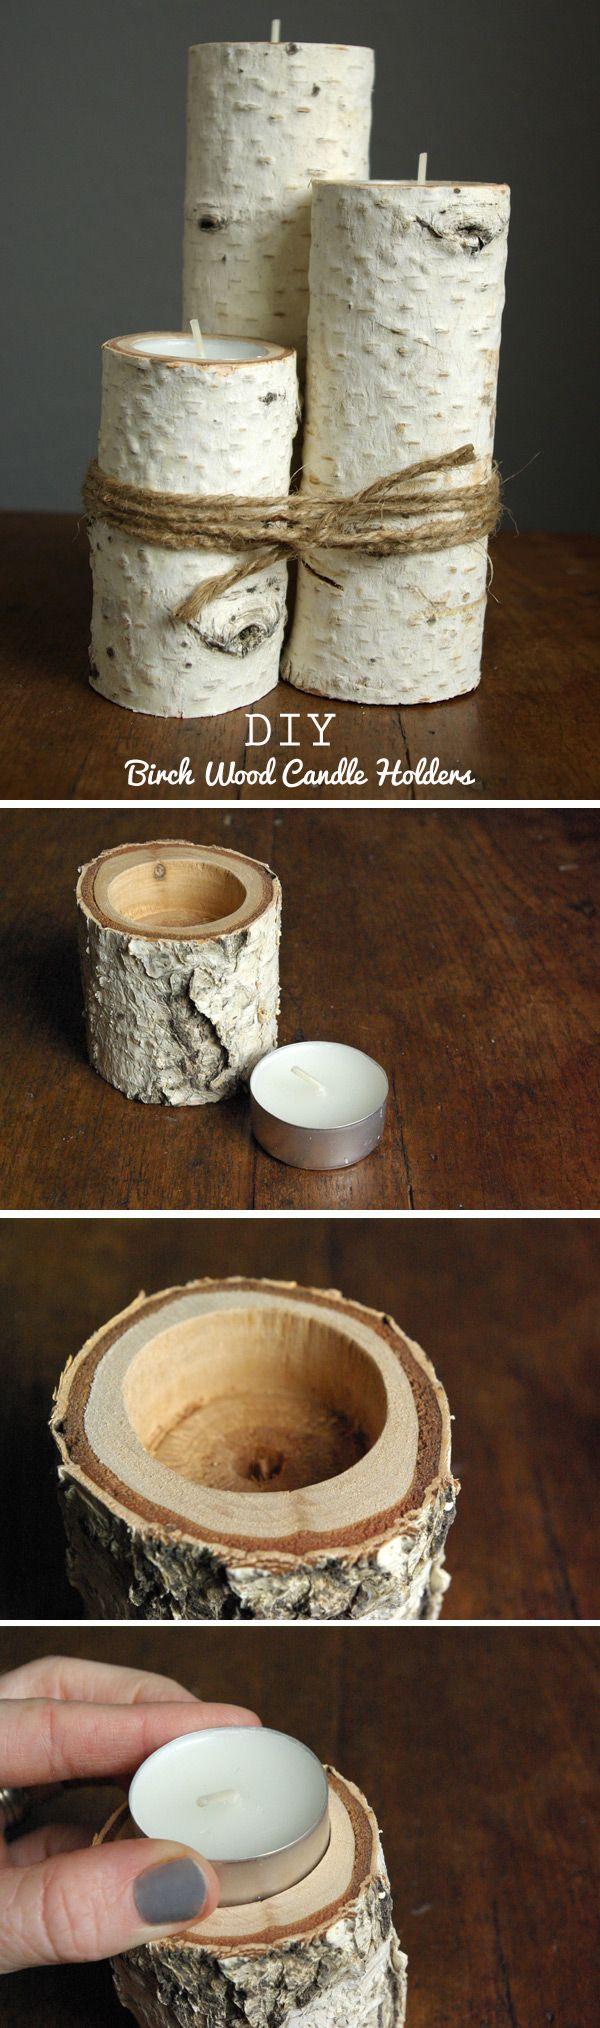 Um simples tronco de madeira pode tornar-se um castiçal diferente e completar a decoração da mesa de jantar. Combine pedaços de madeira com diferentes alturas e espessuras para obter um efeito arrasador. Finalize com um pedaço de corda de sisal.